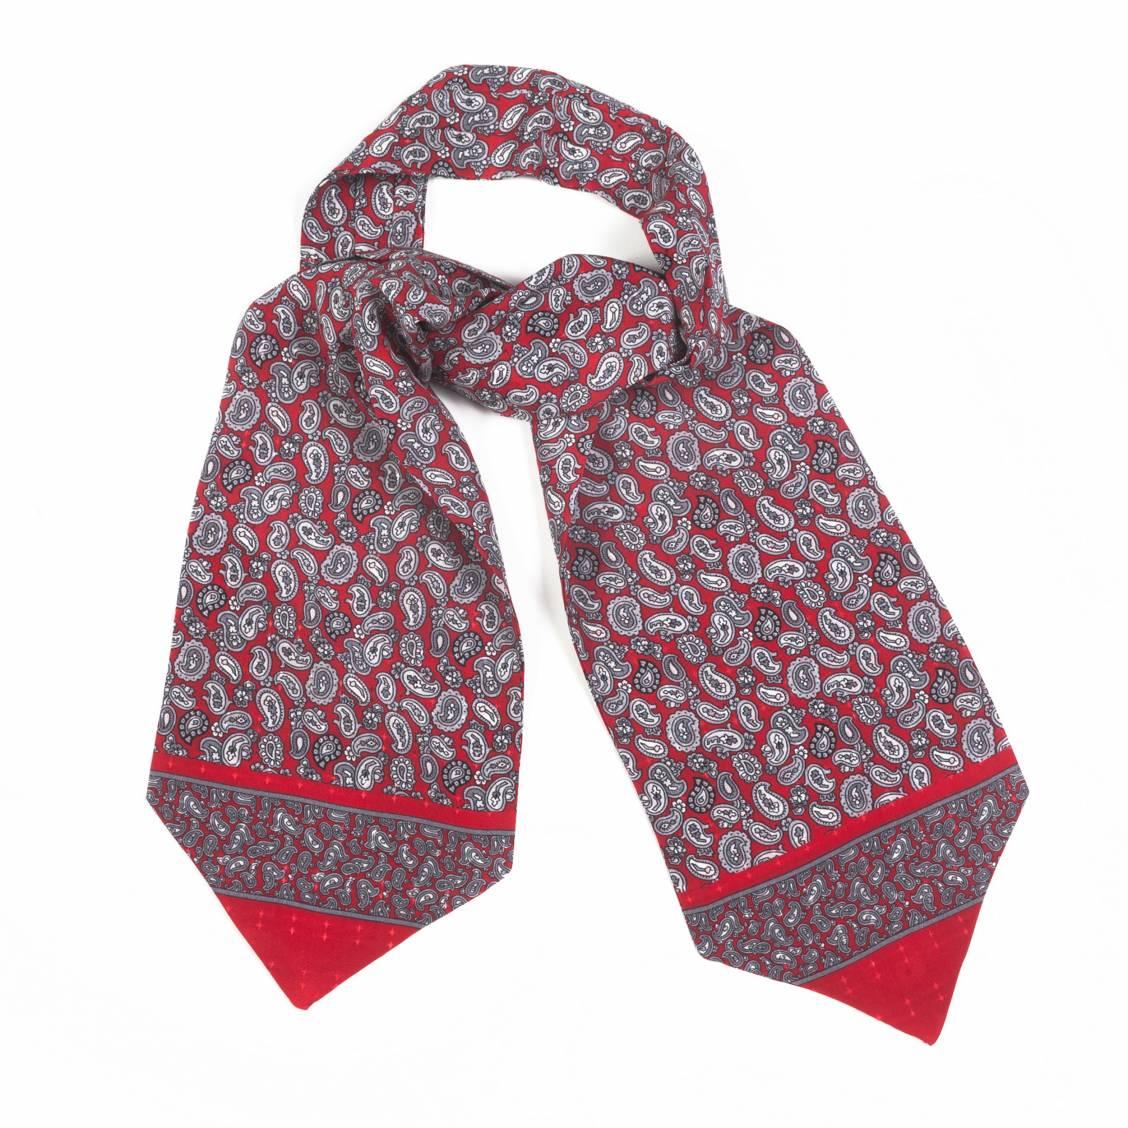 Foulard ascot à nouer en soie rouge à motifs cachemire gris